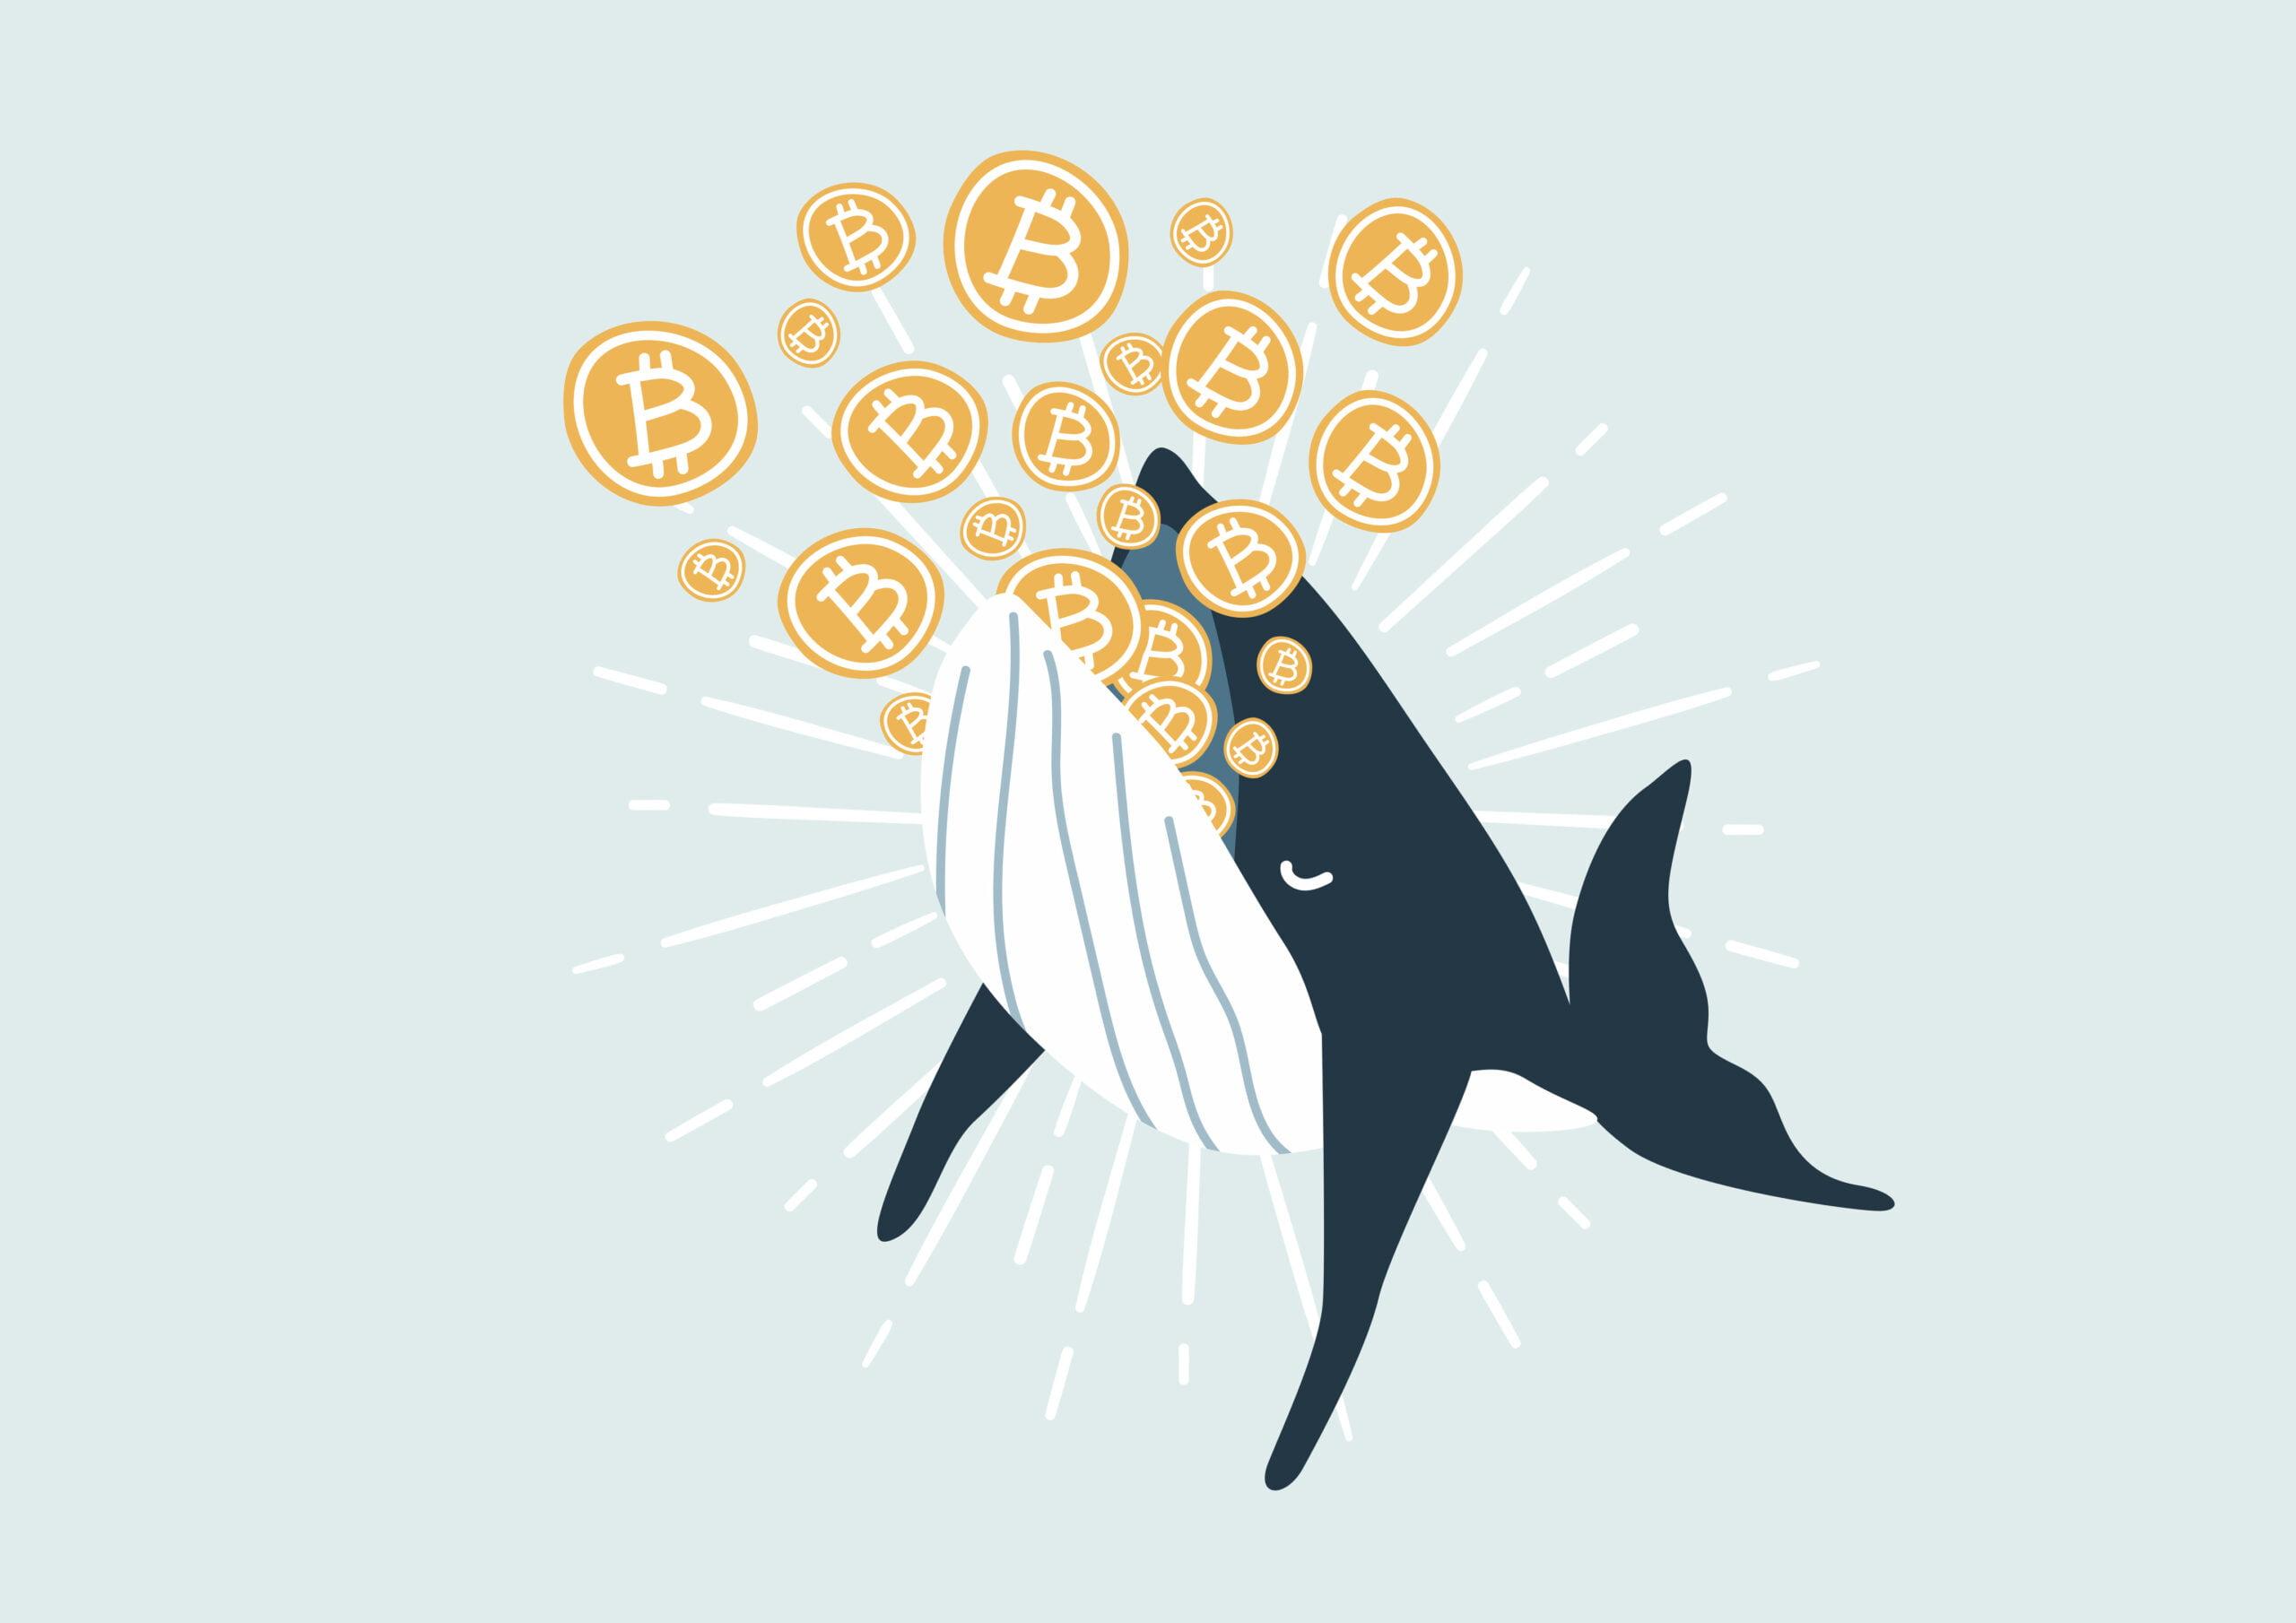 Bitcoin în perspectivă optimistă, cu un nou suport pentru 13k USD - Criptoeconomia